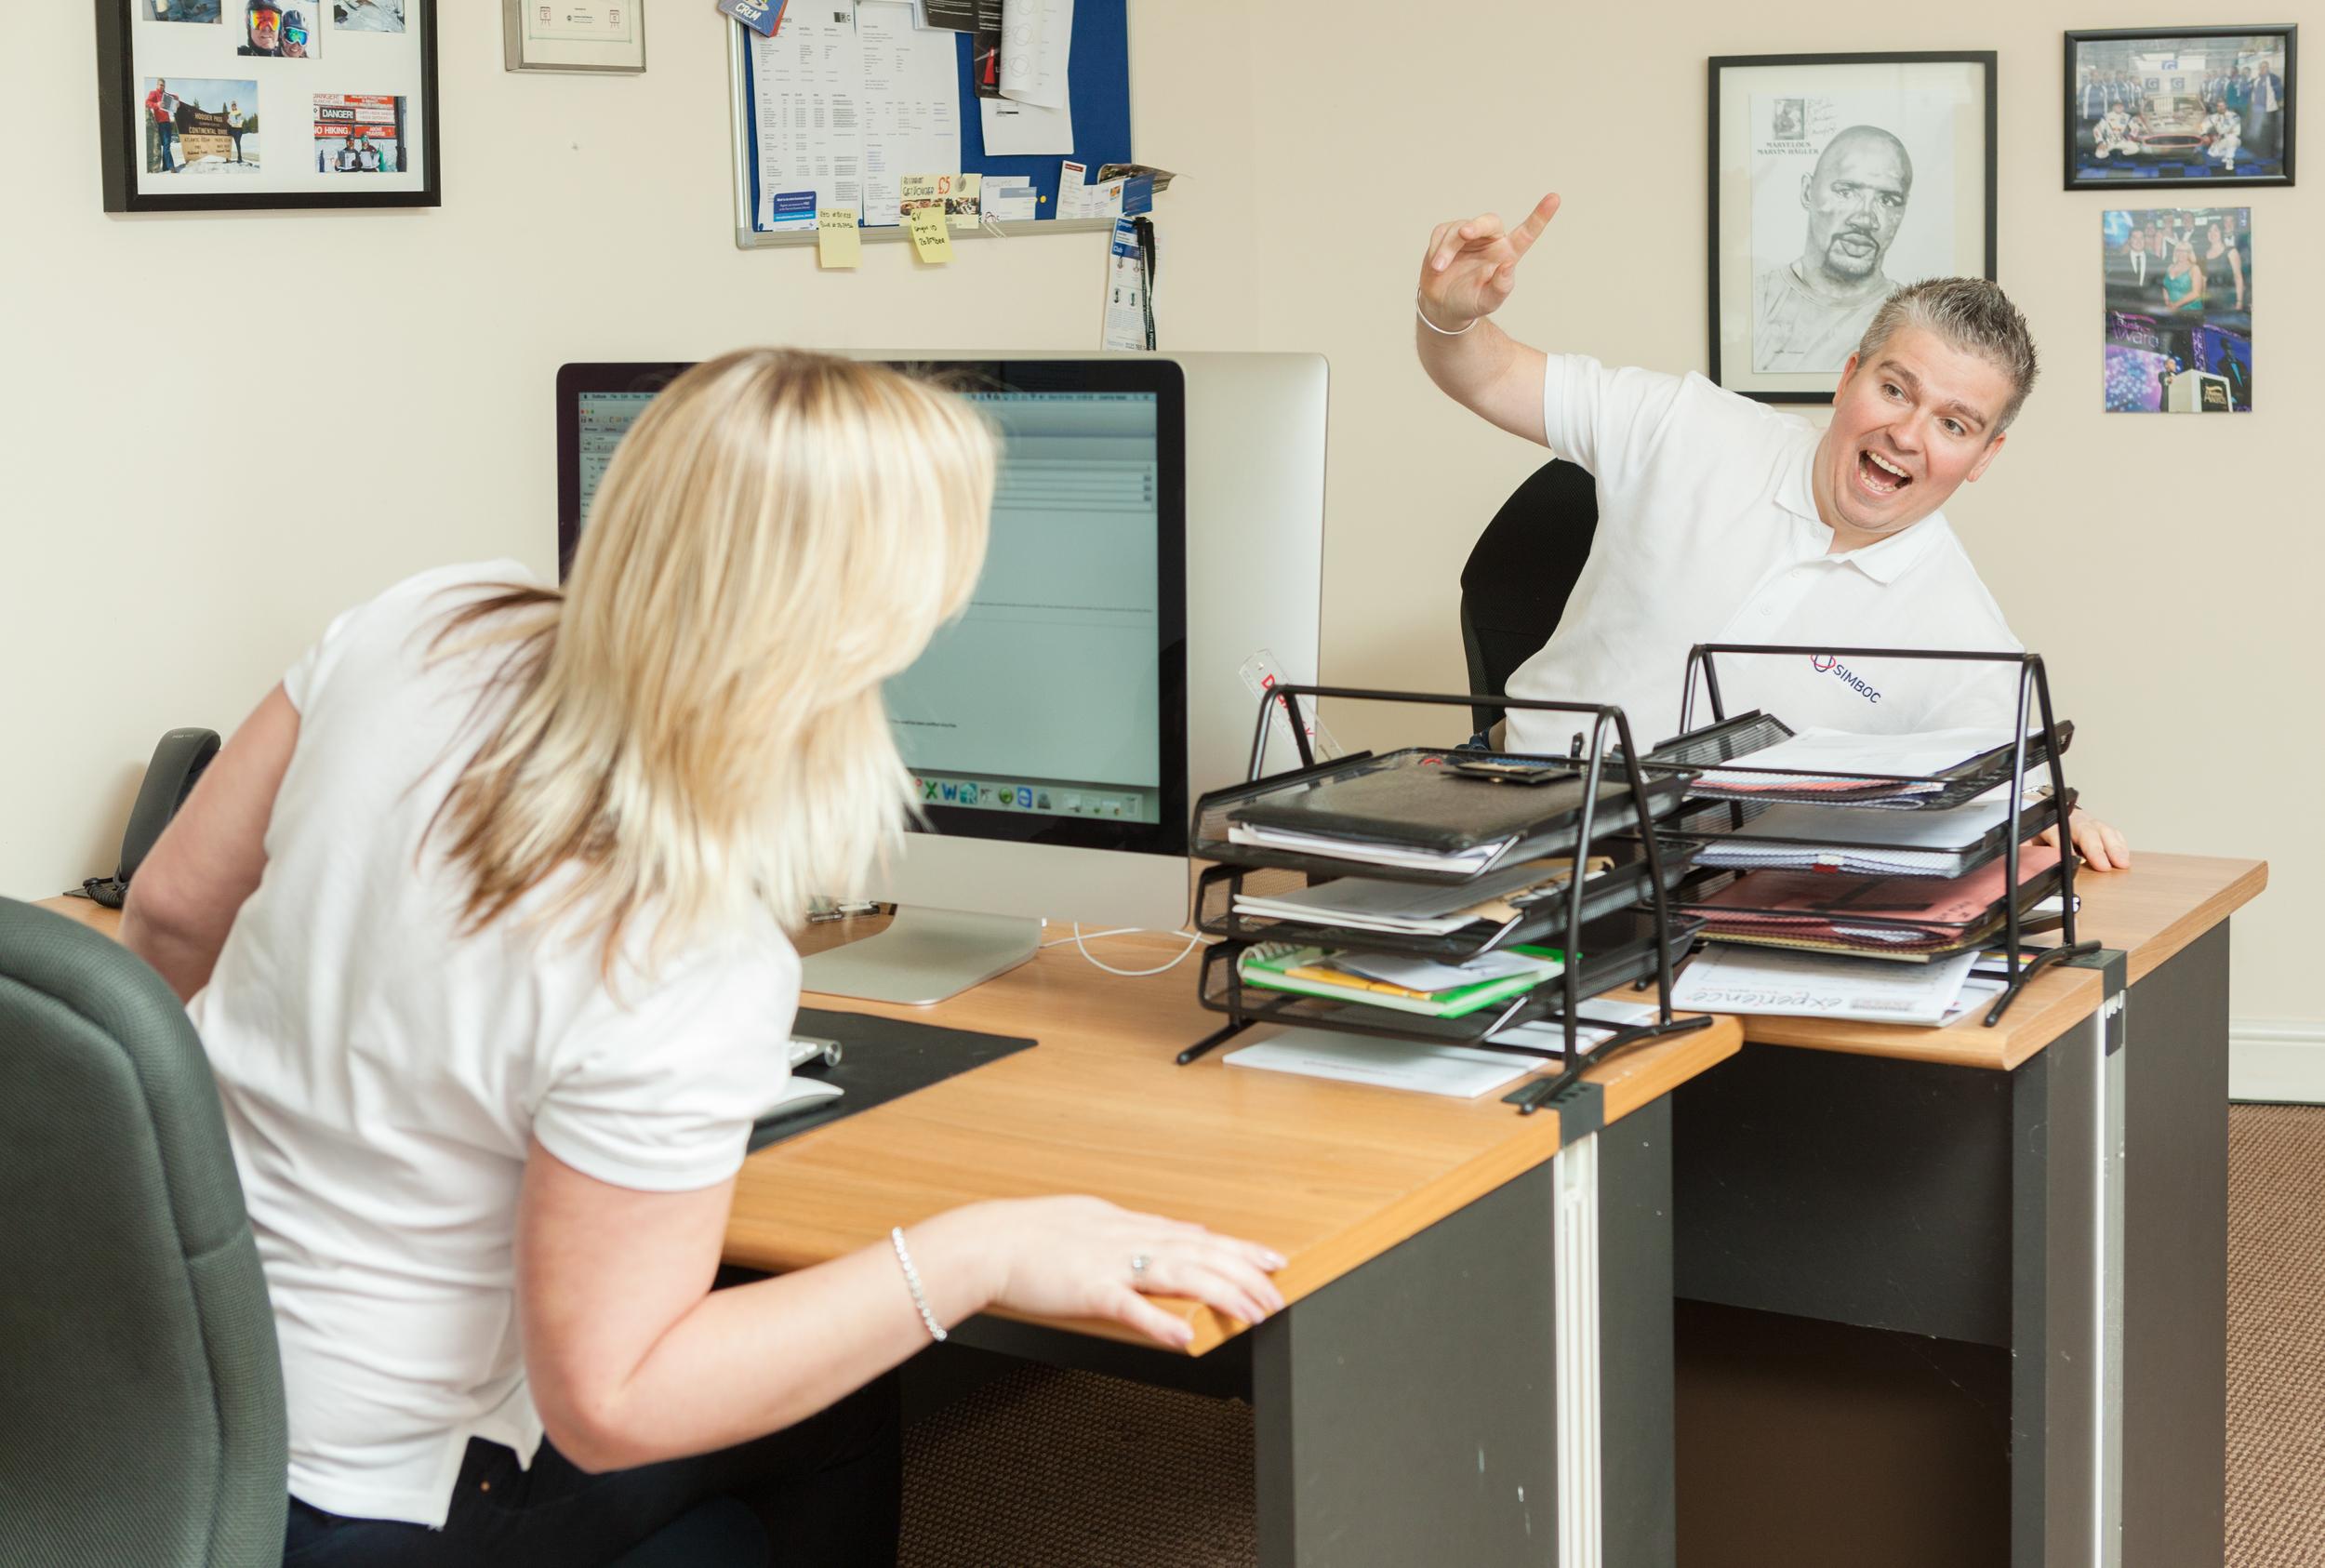 Jo and Dave in the office - lightblub moment_SimbocLtd_6557.jpg